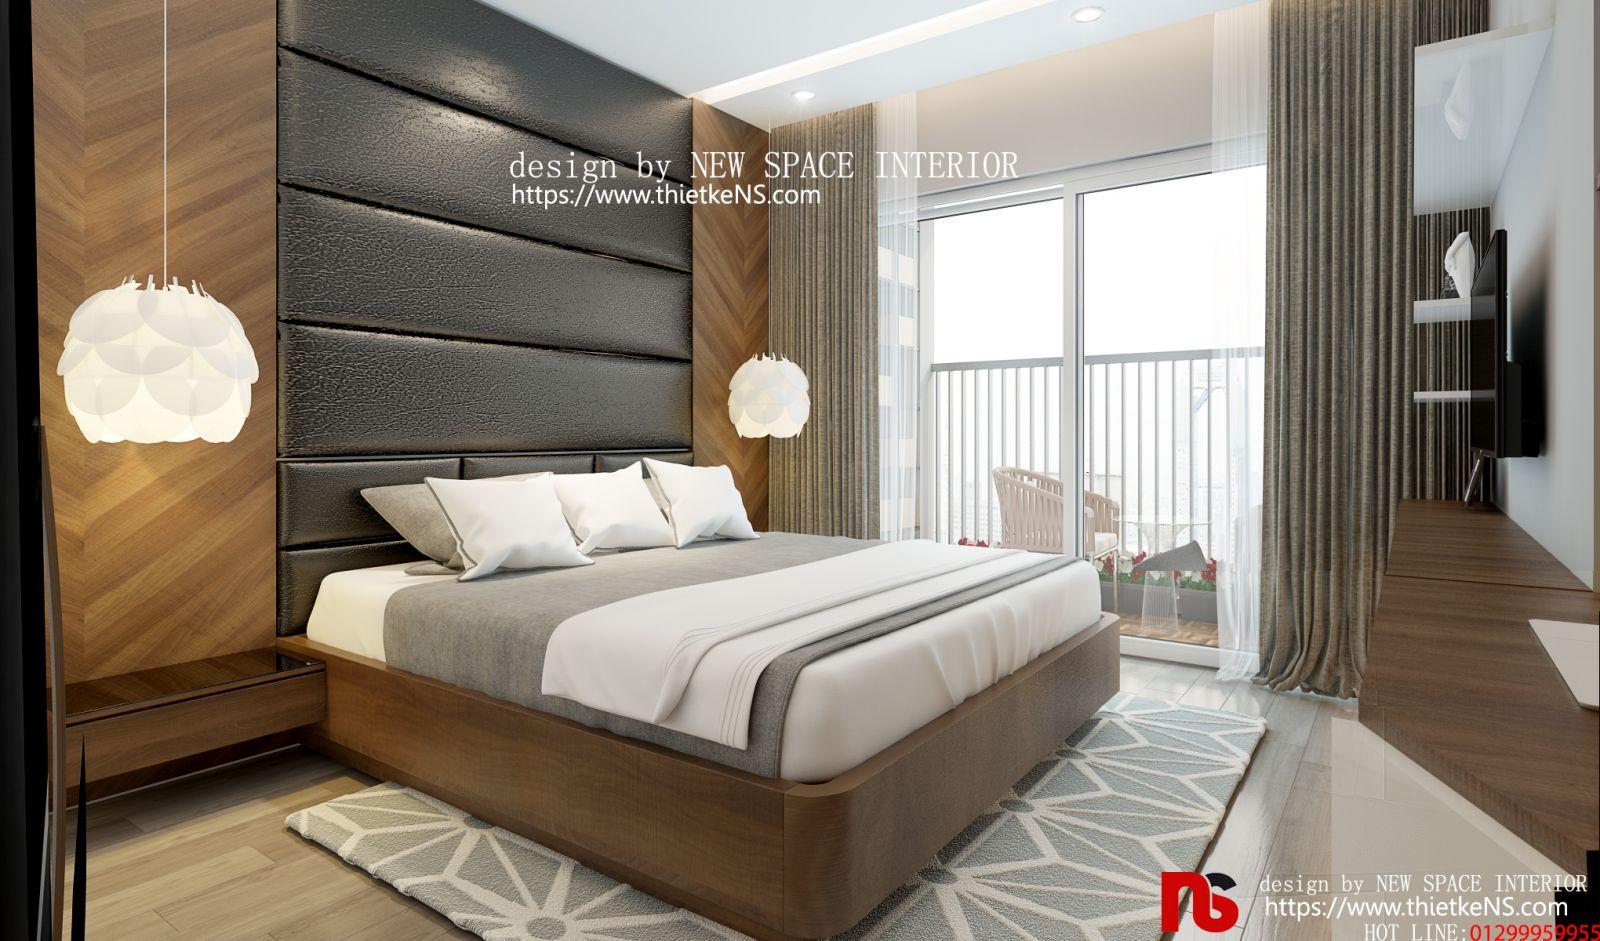 Thiết kế nội thất chung cư phòng ngủ hiện đại, đẳng cấp